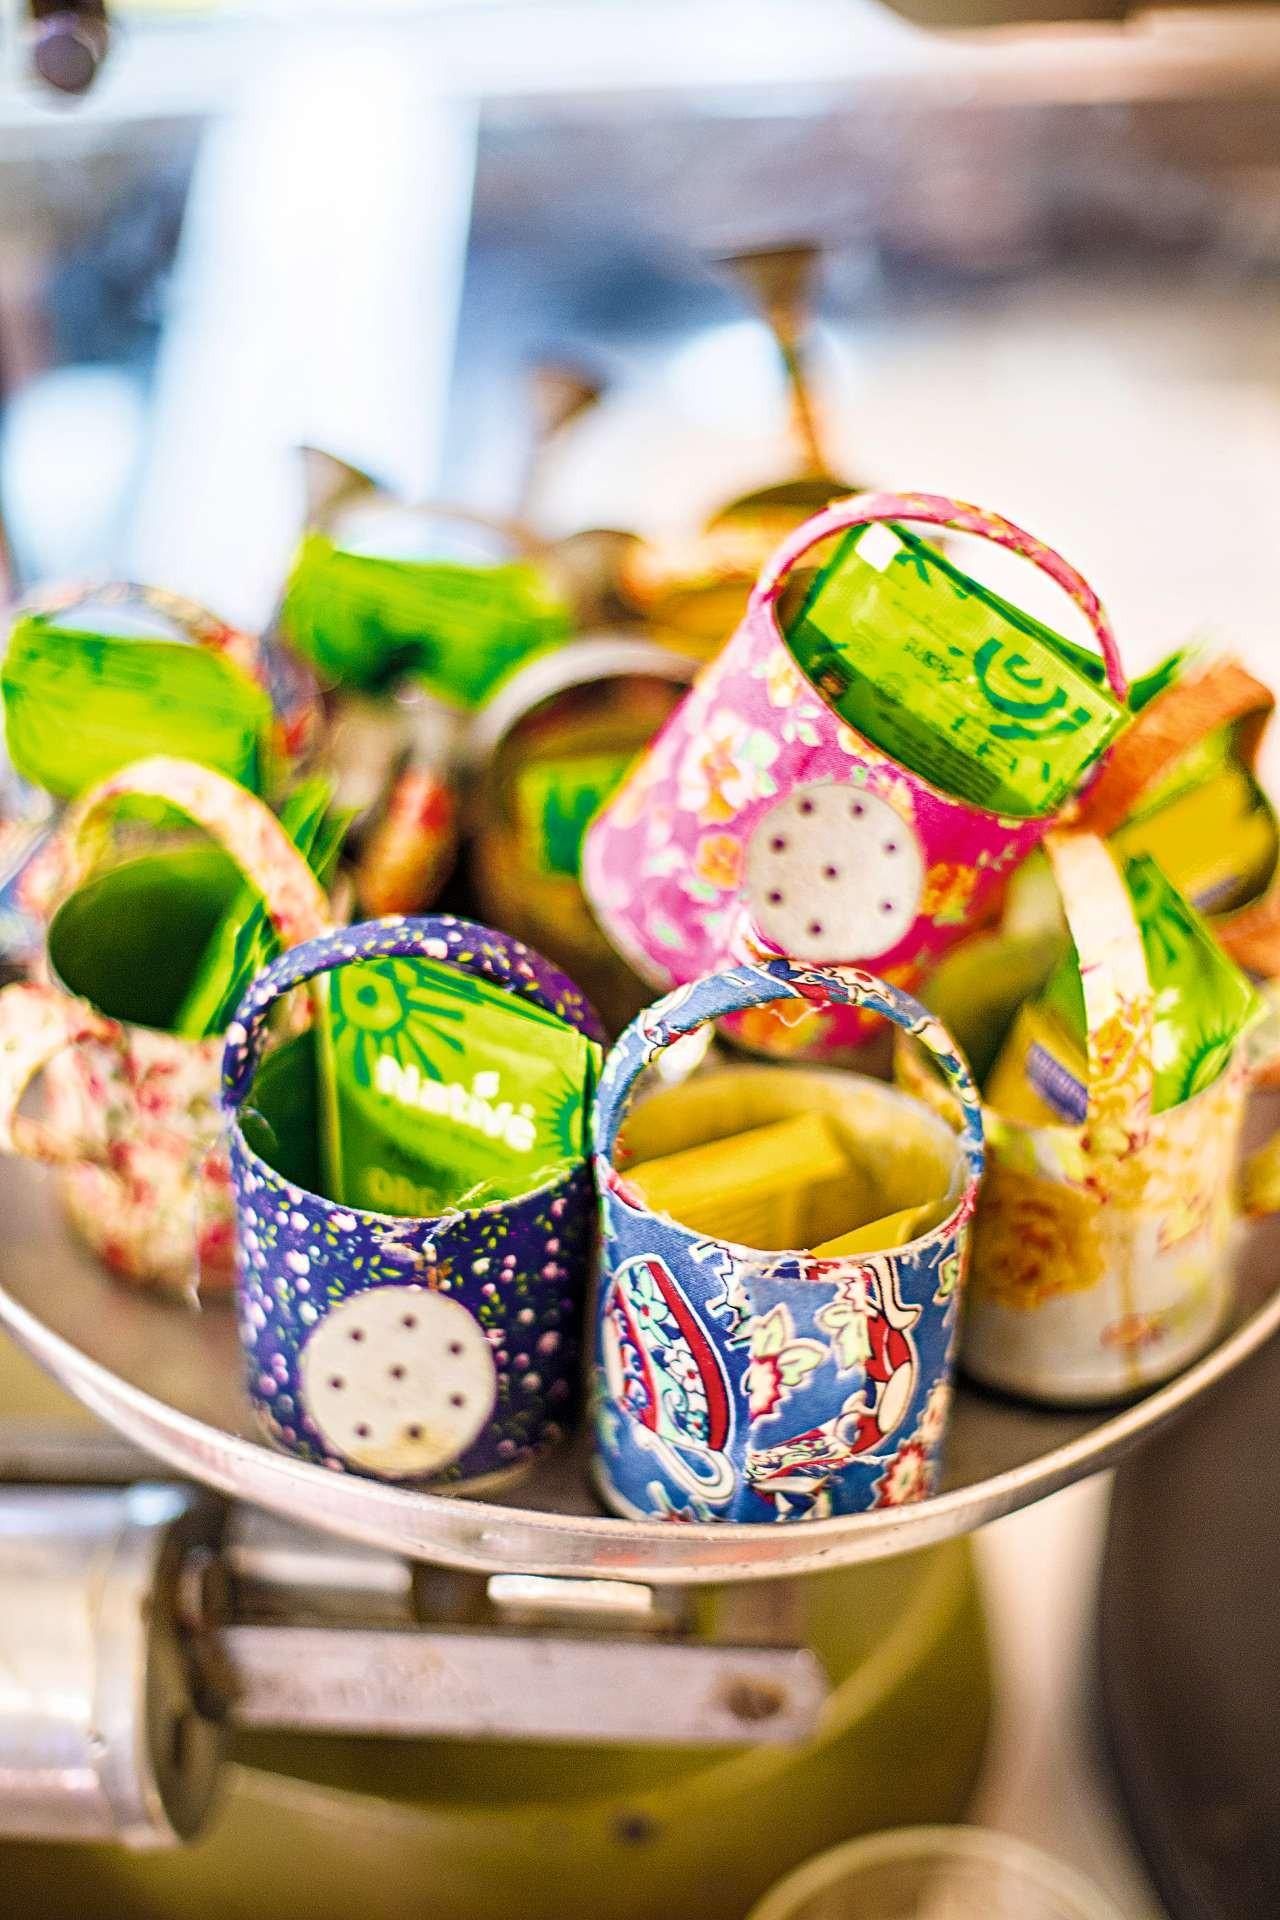 Os minirregadores usados no restaurante como porta-açúcar e adoçante também estão à venda (Foto: Rogério Voltan/Editora Globo)